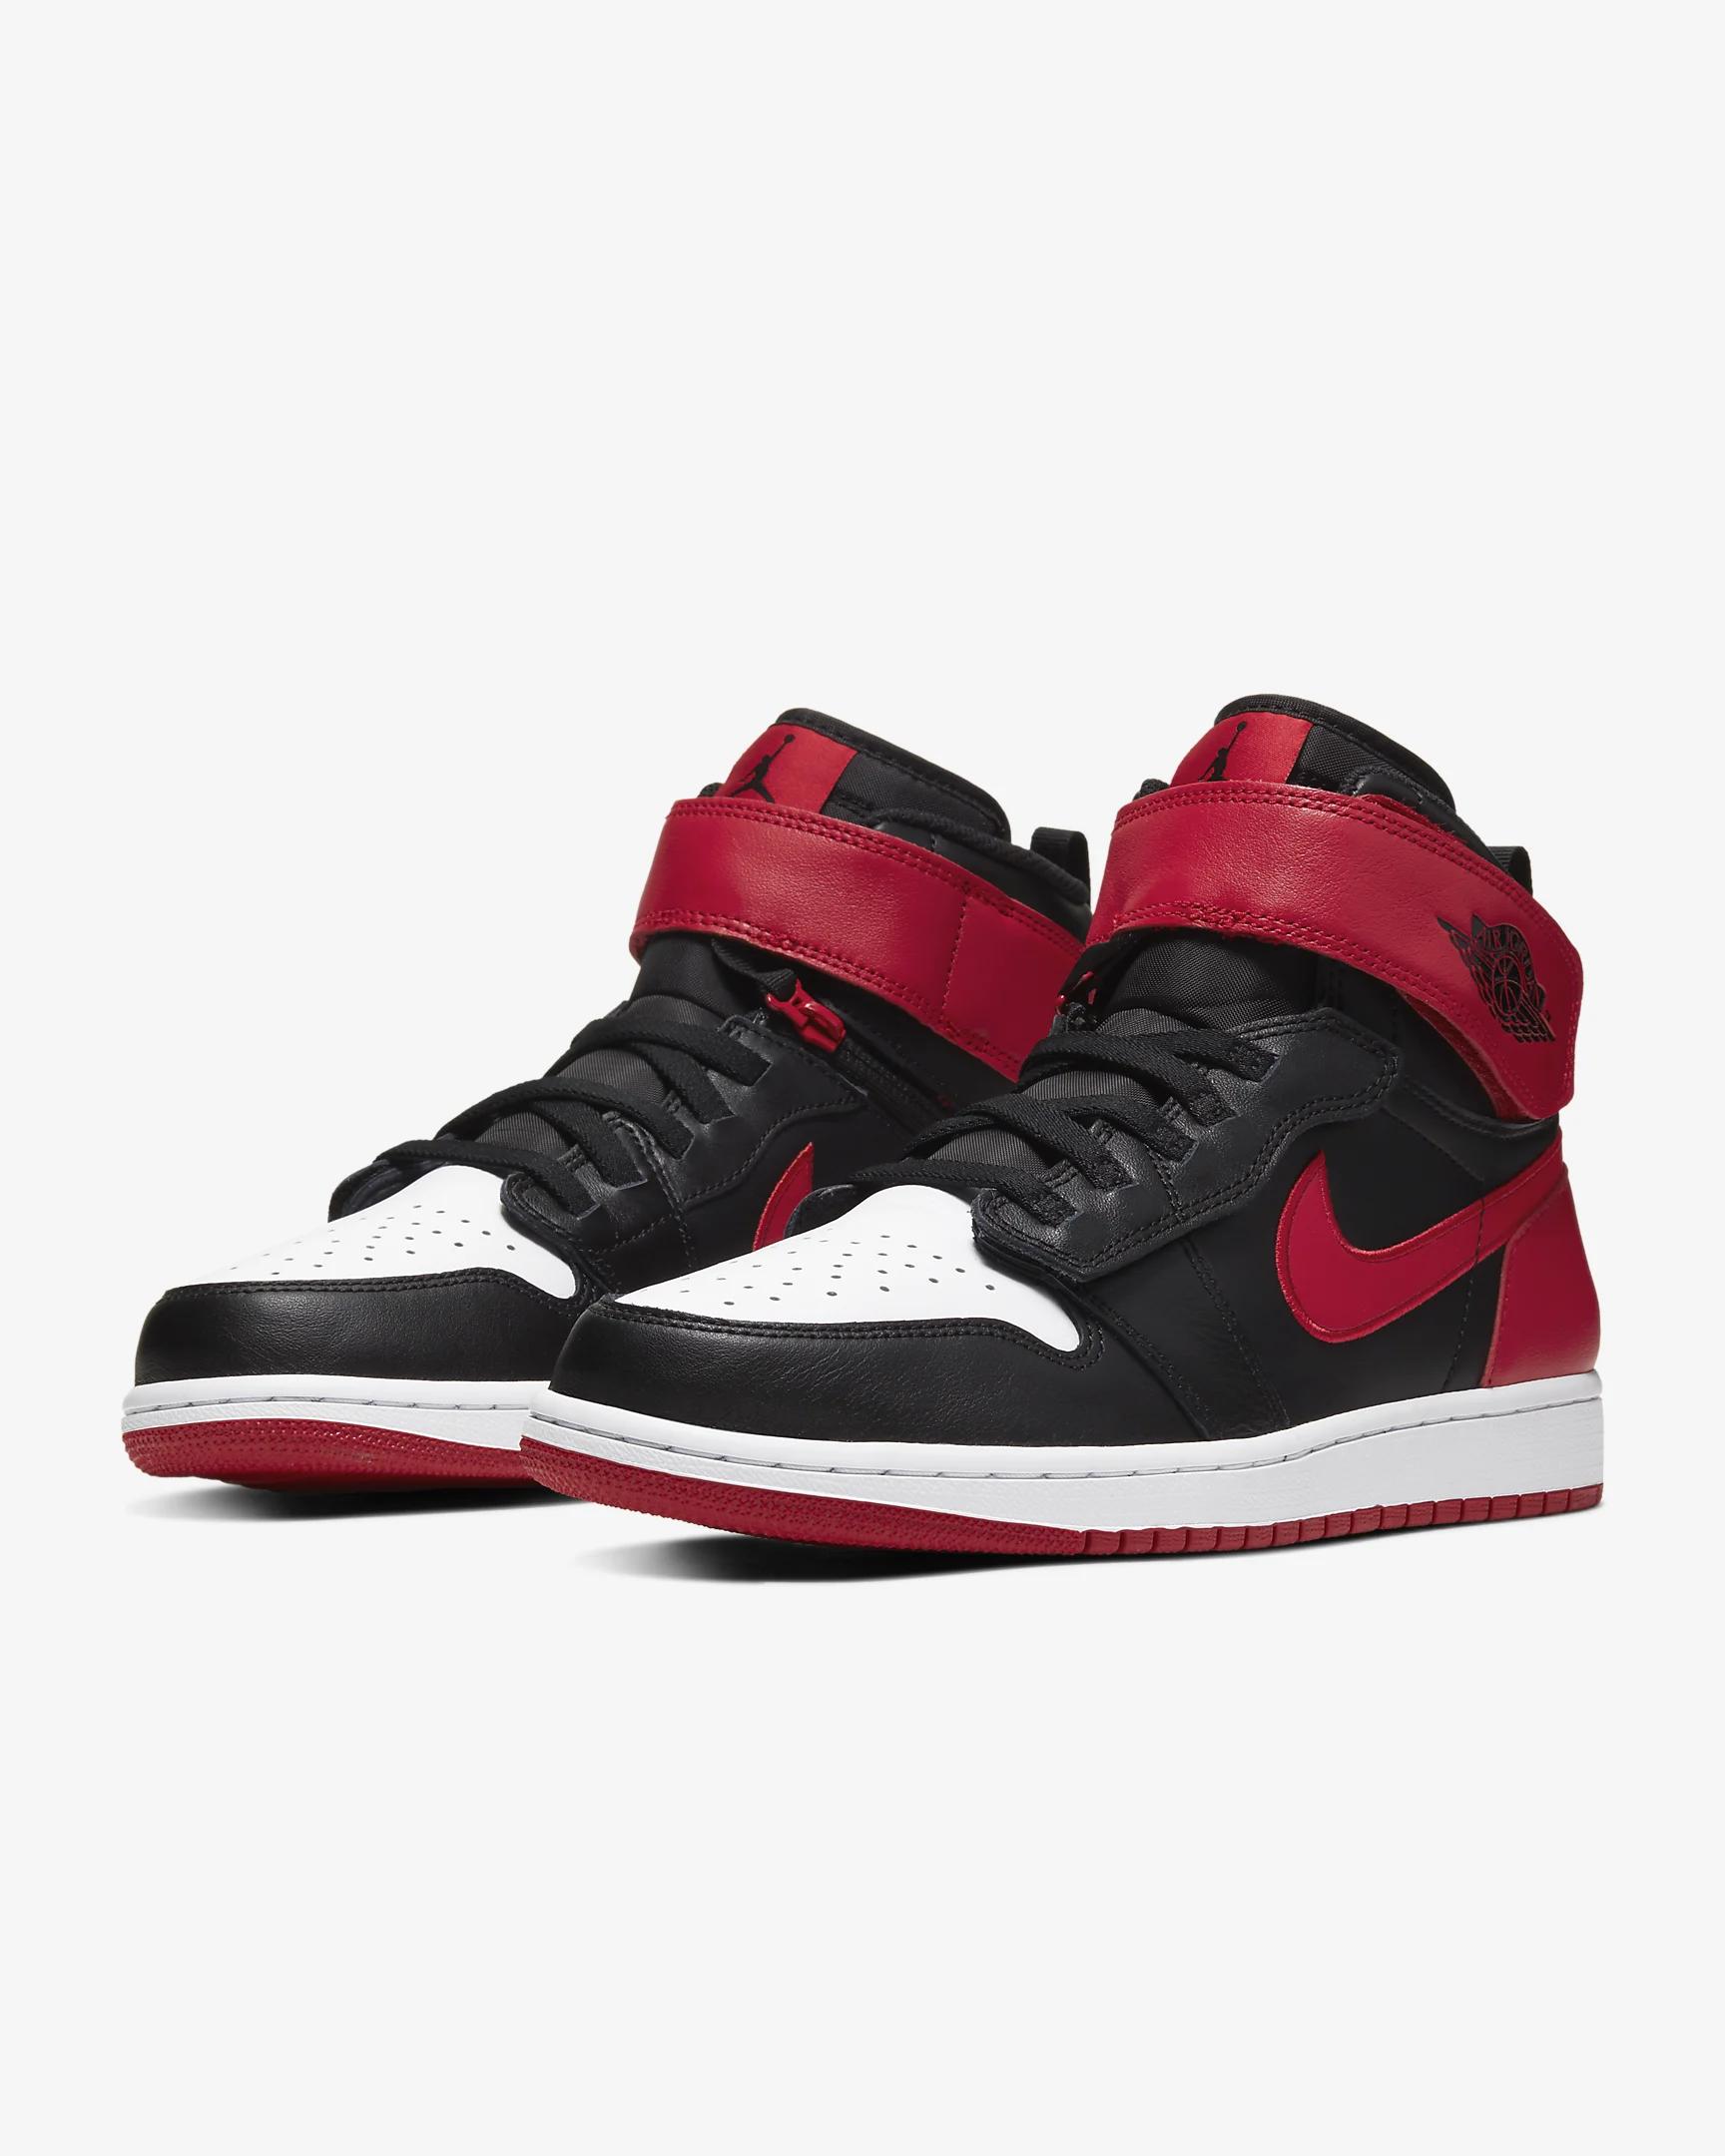 Air Jordan 1 Hi FlyEase Sneakers fashion, Sneakers men